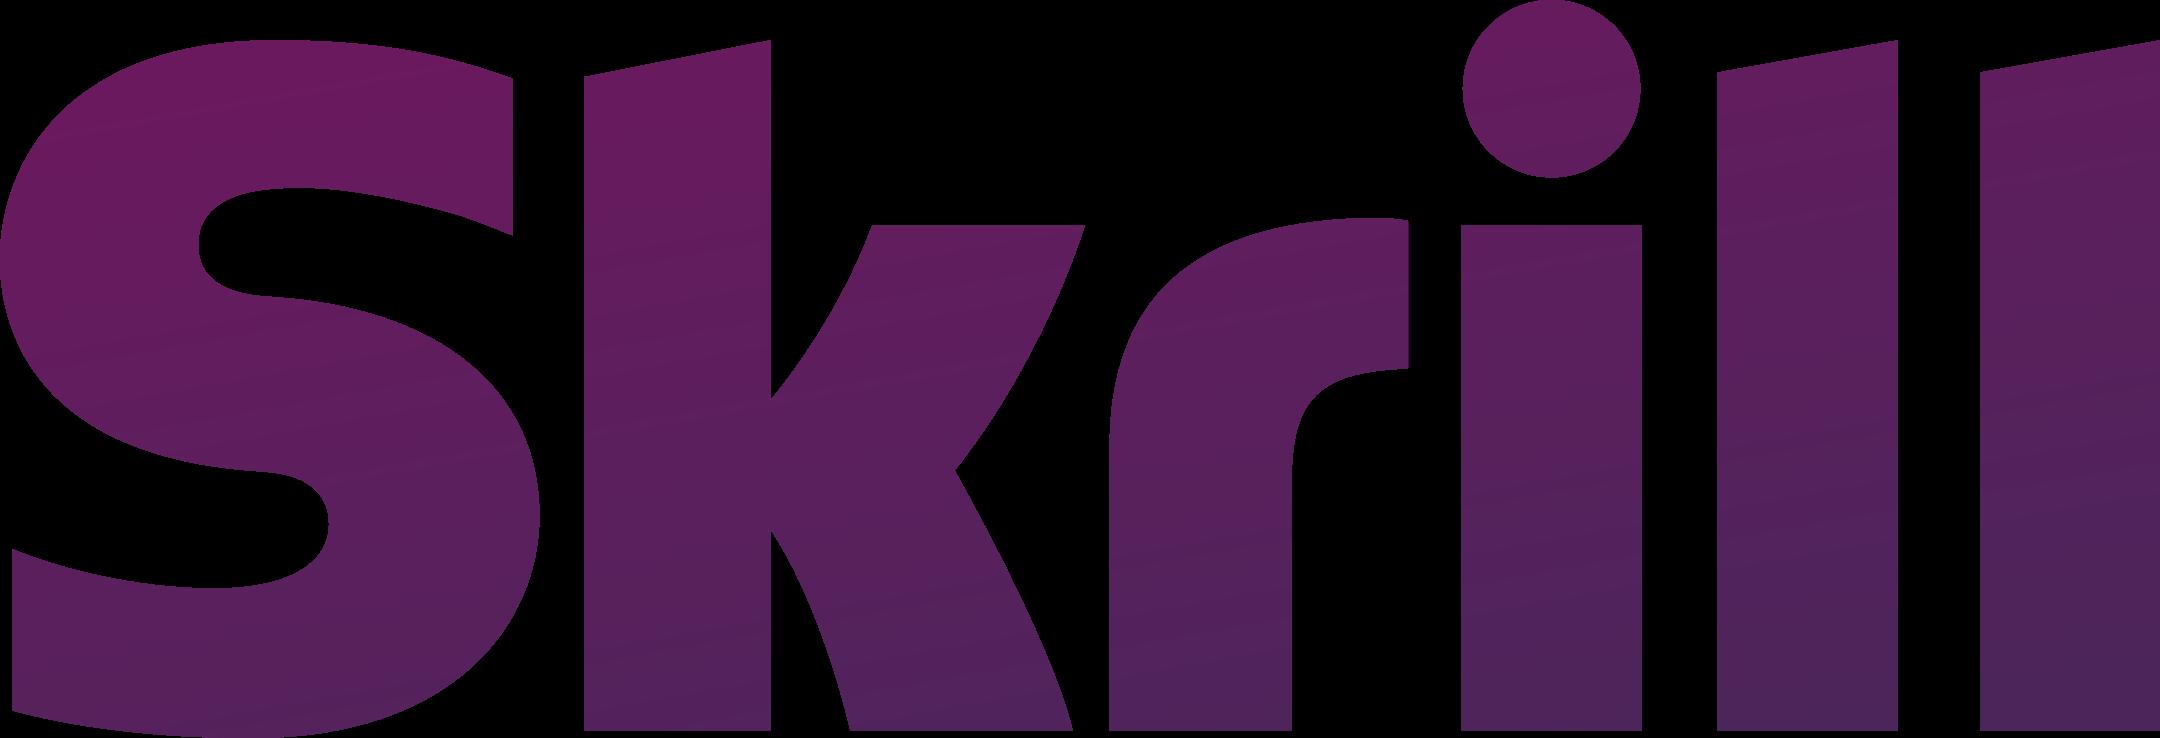 skrill logo 1 - Skrill Logo